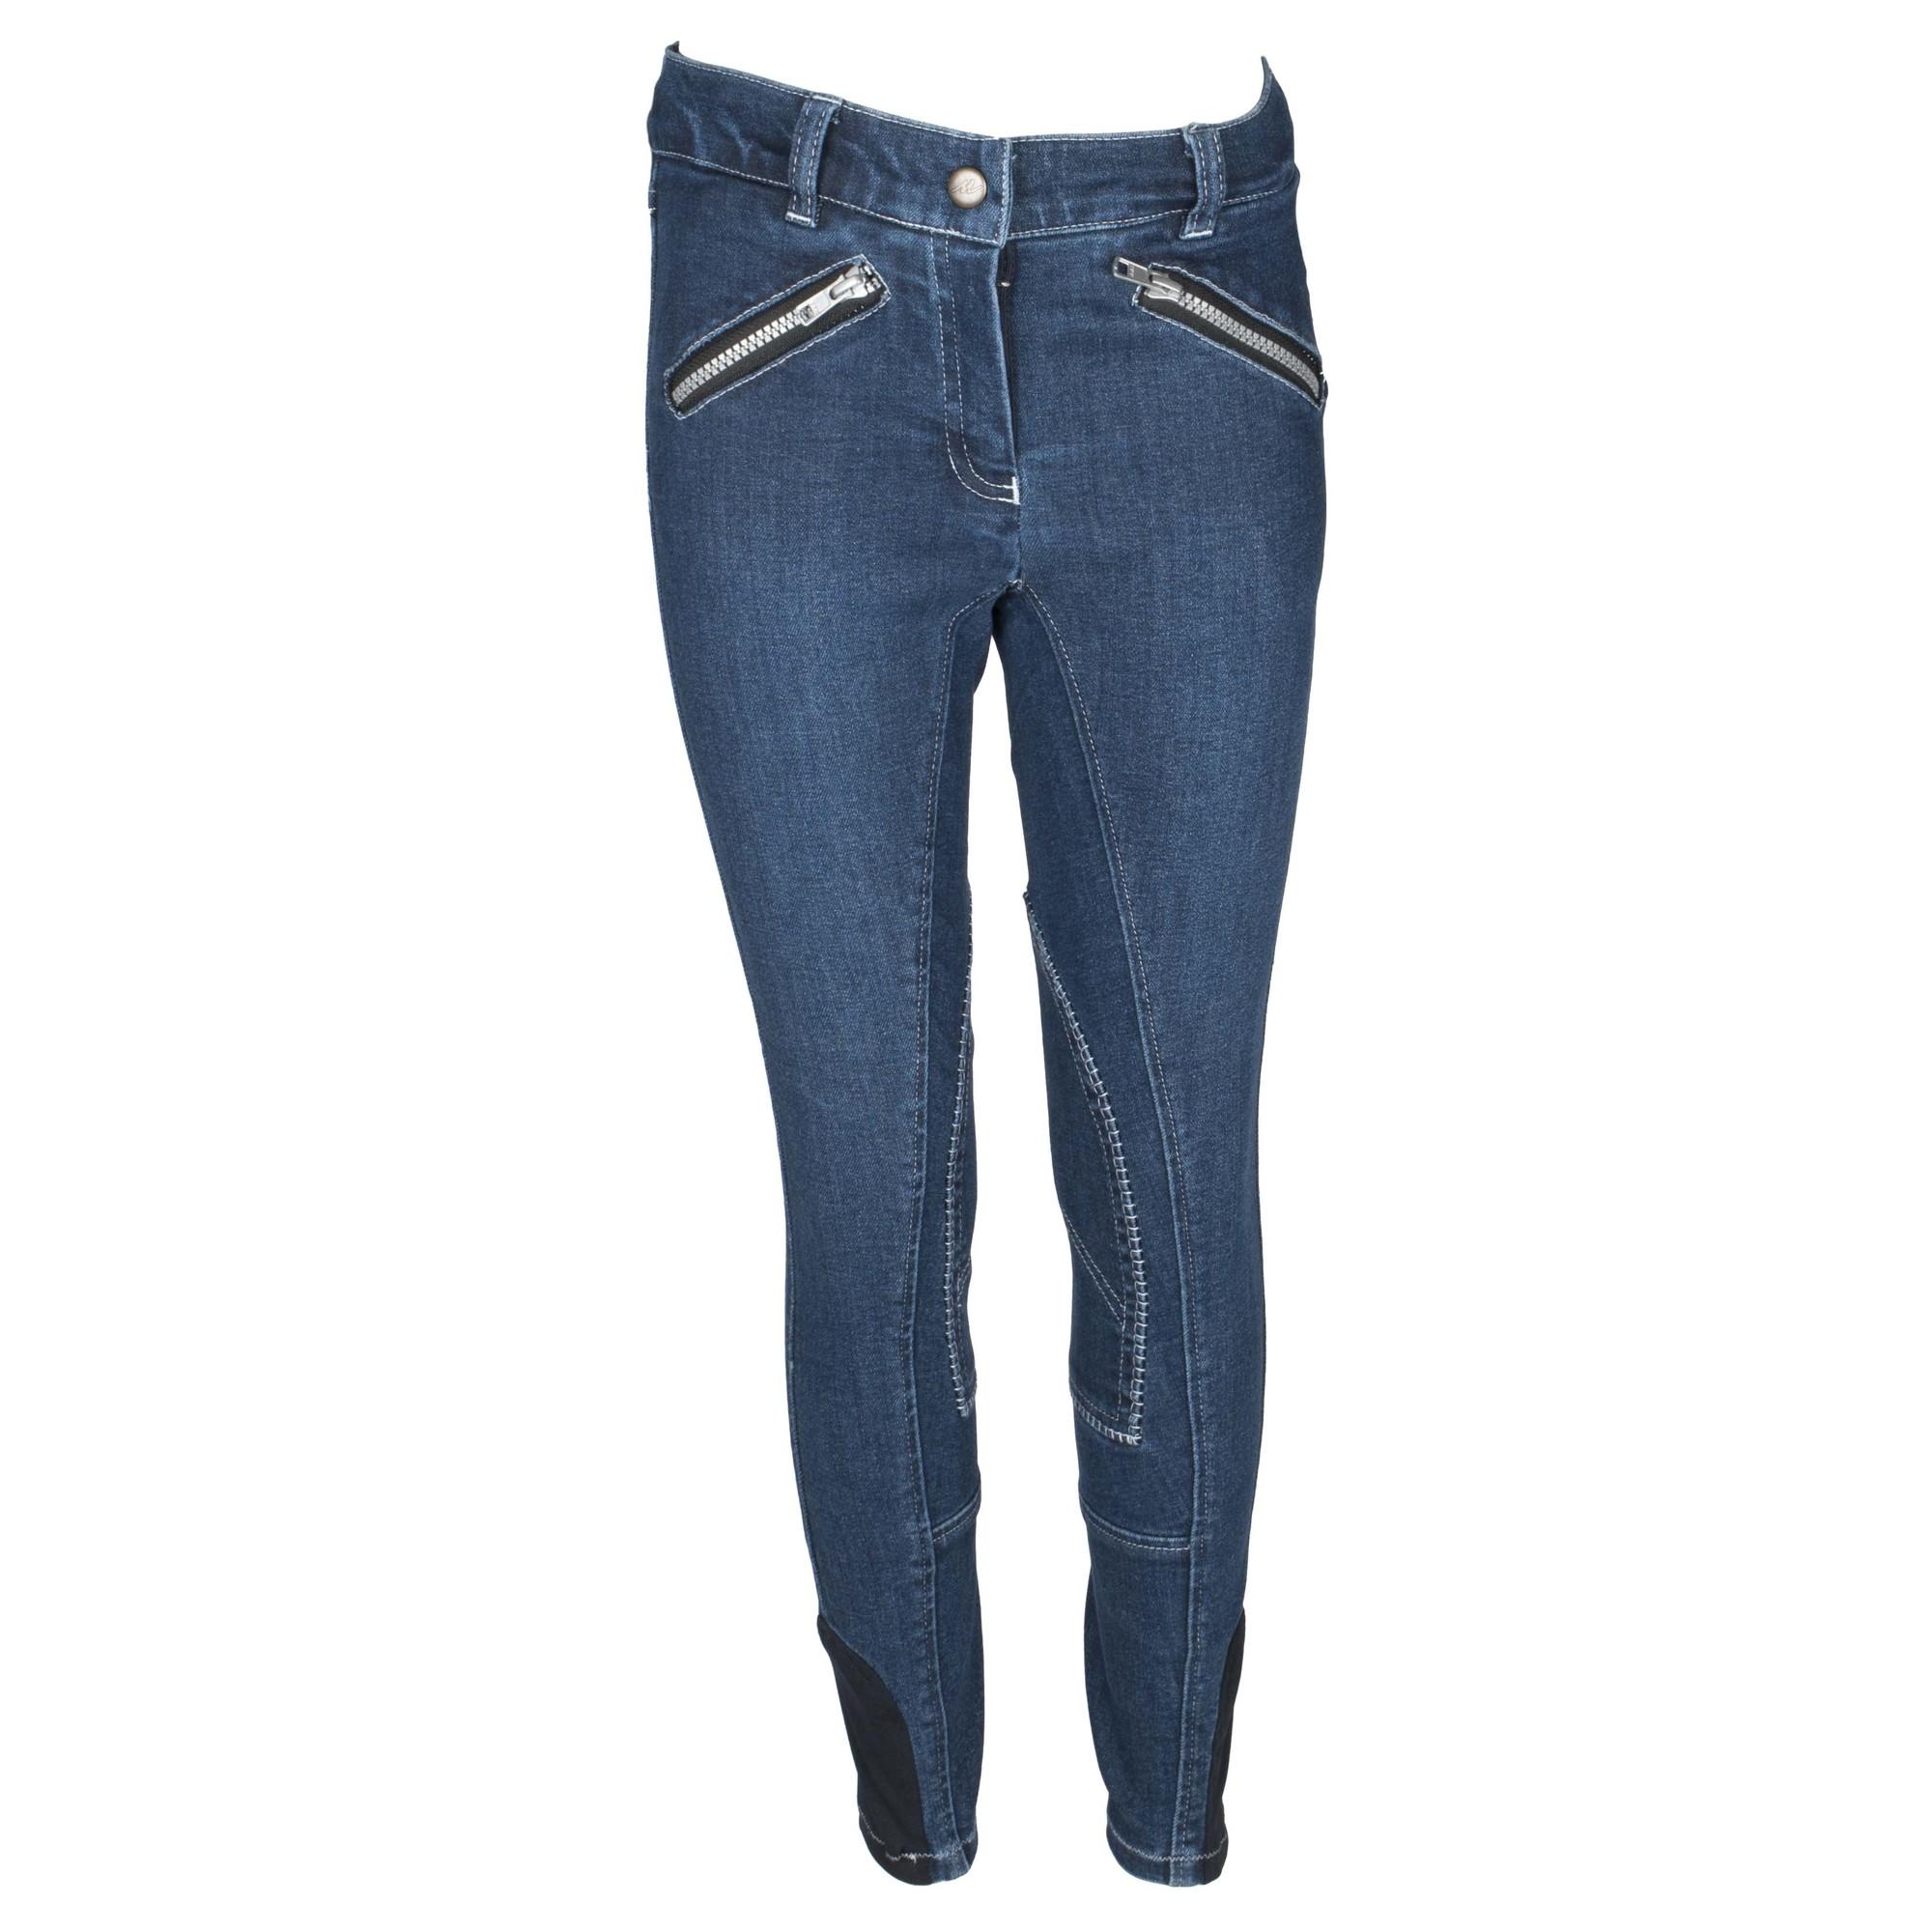 Mondoni Jeans kinder rijbroek jeans maat:176